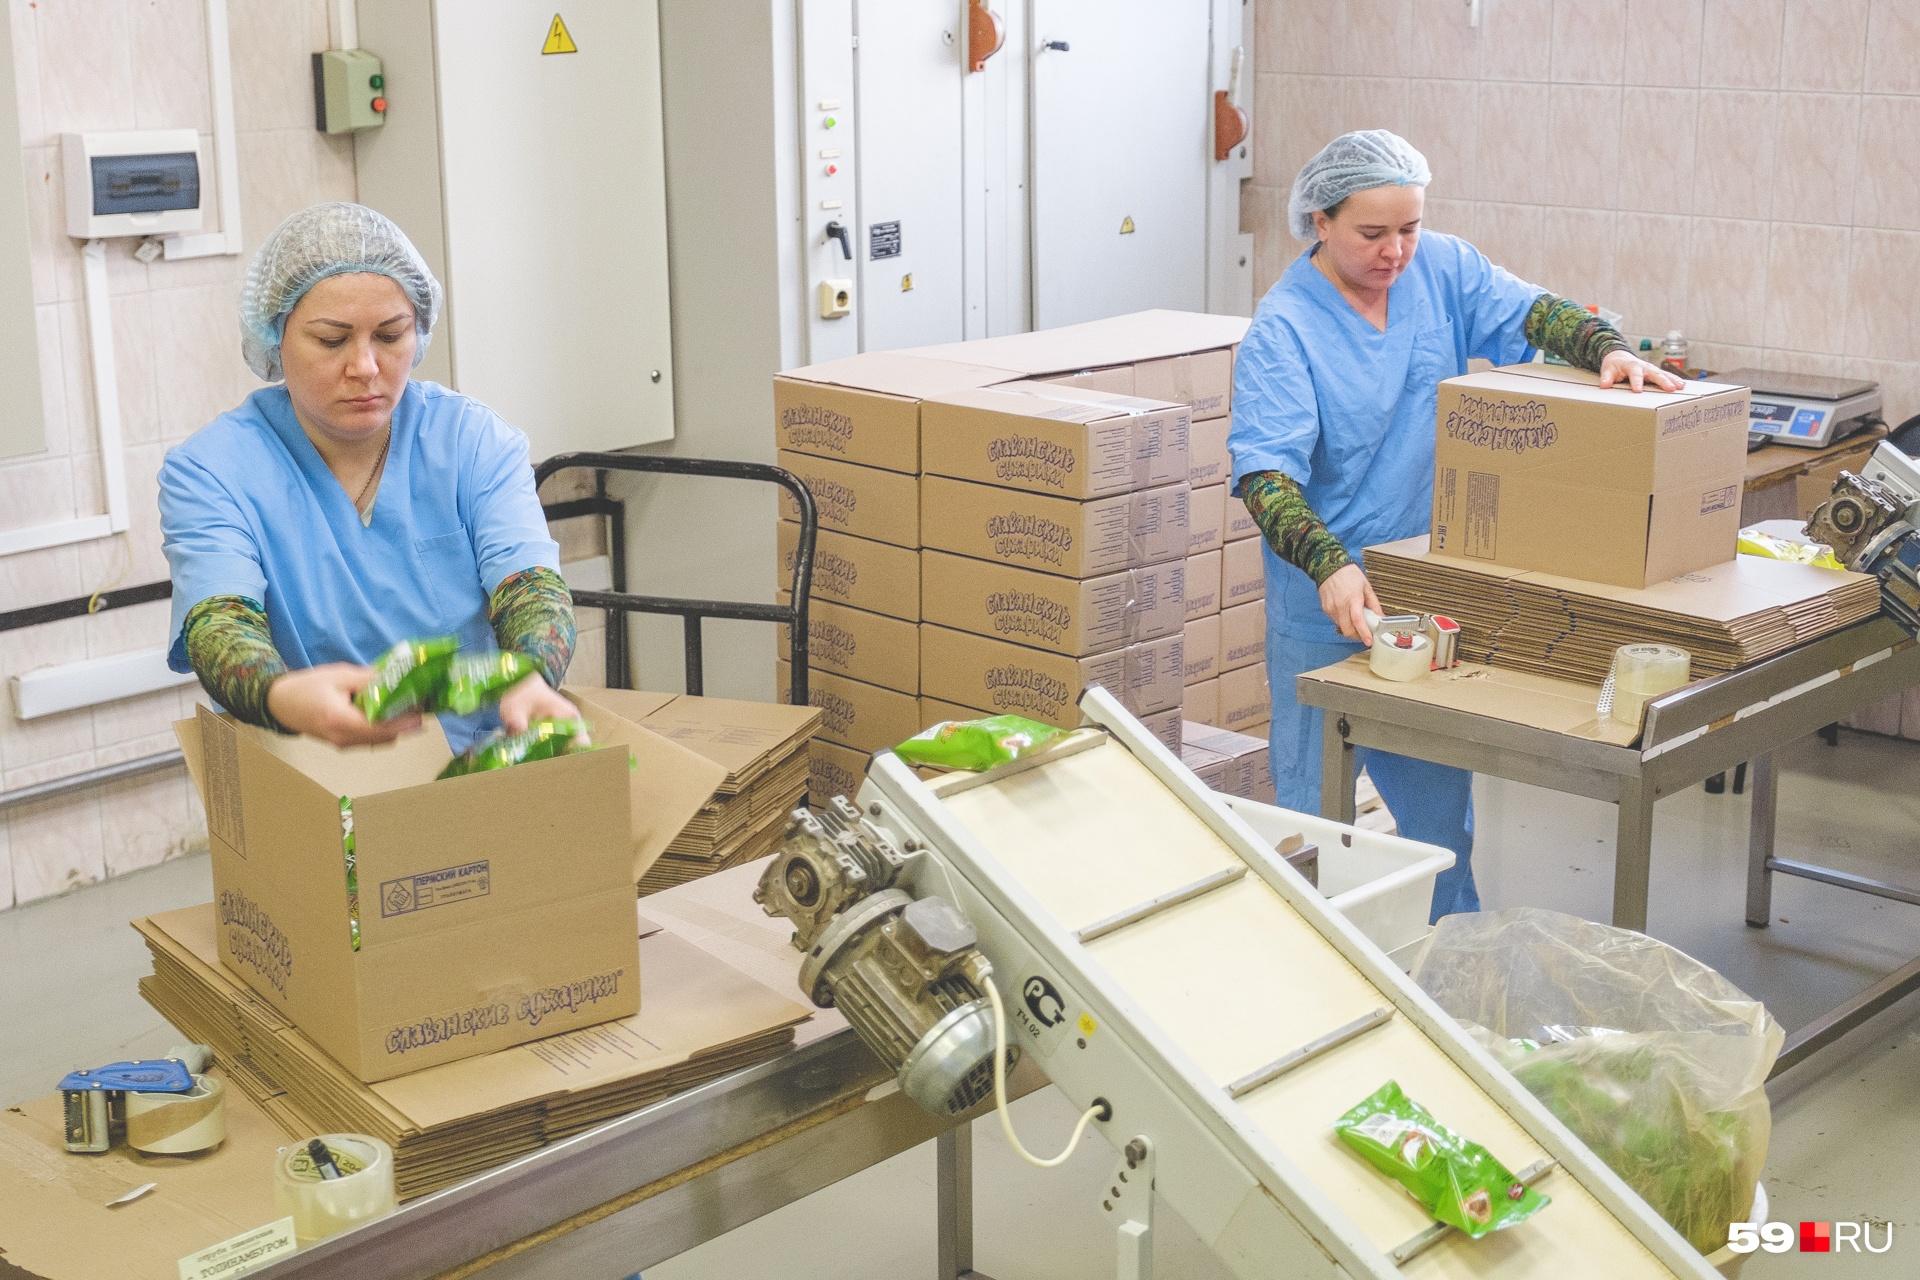 Коробки с нужным количеством пачек заклеивают скотчем и отправляют на склад